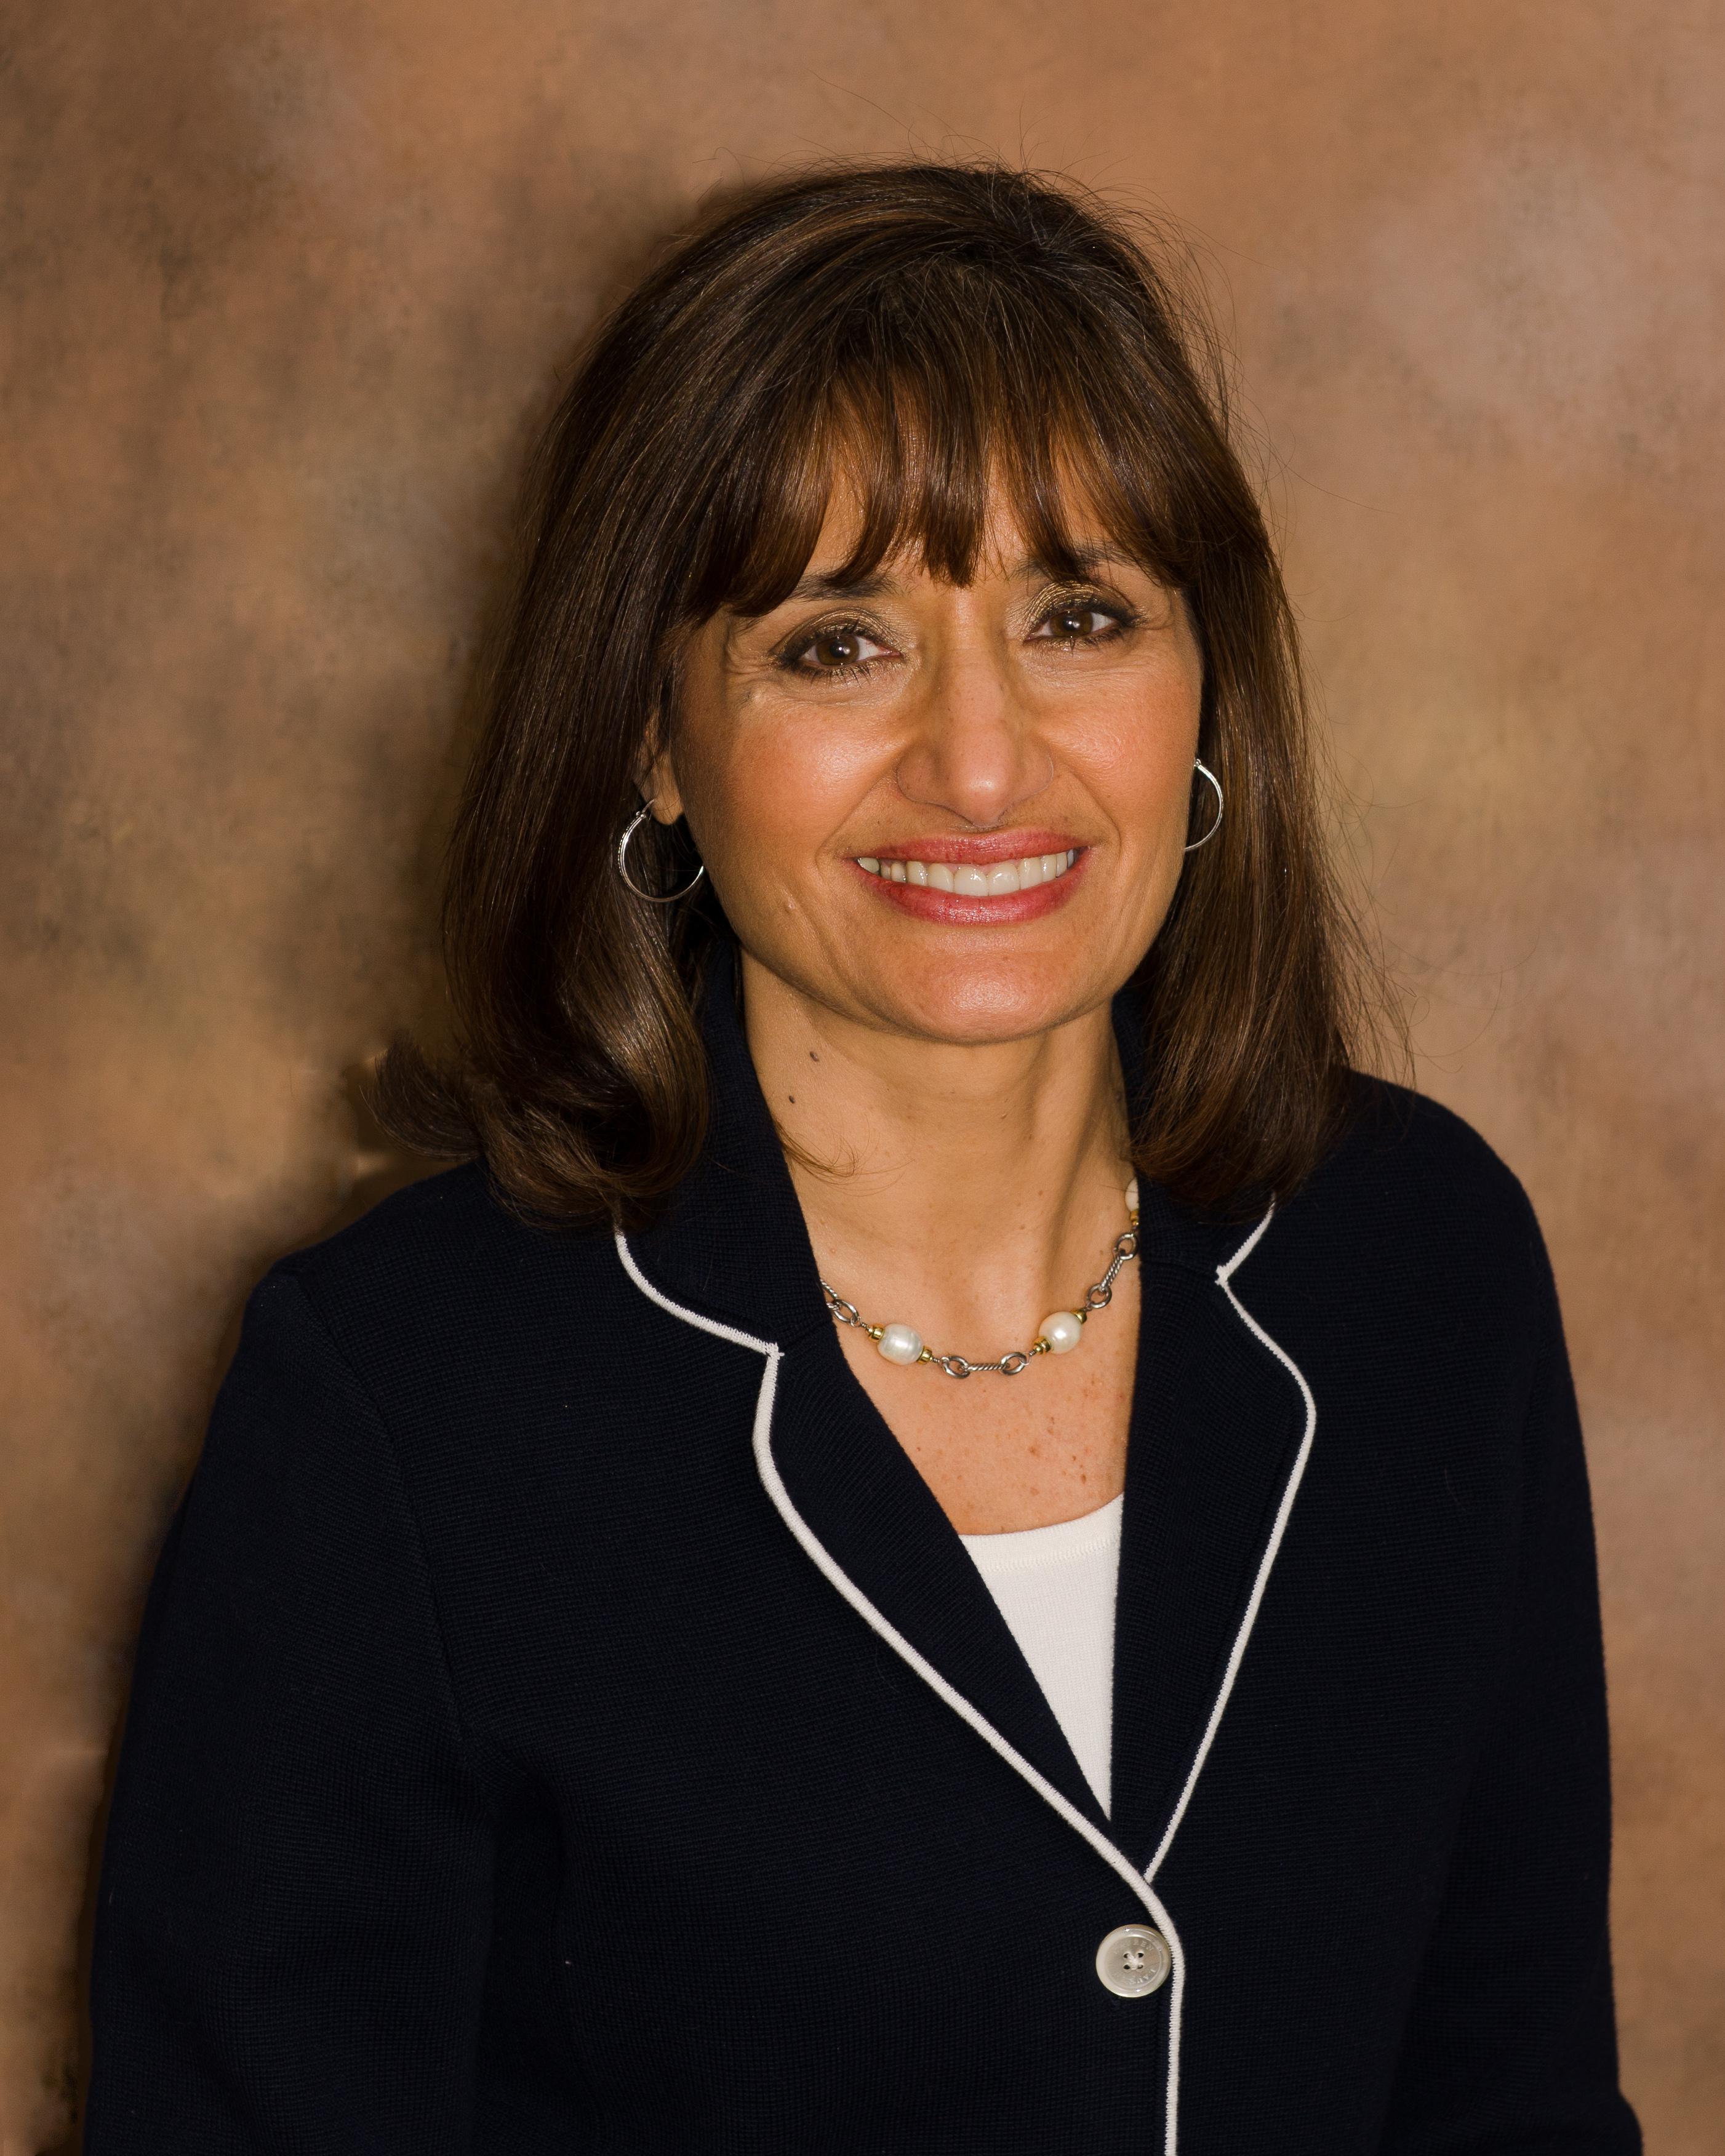 Dr. Olinda Floro